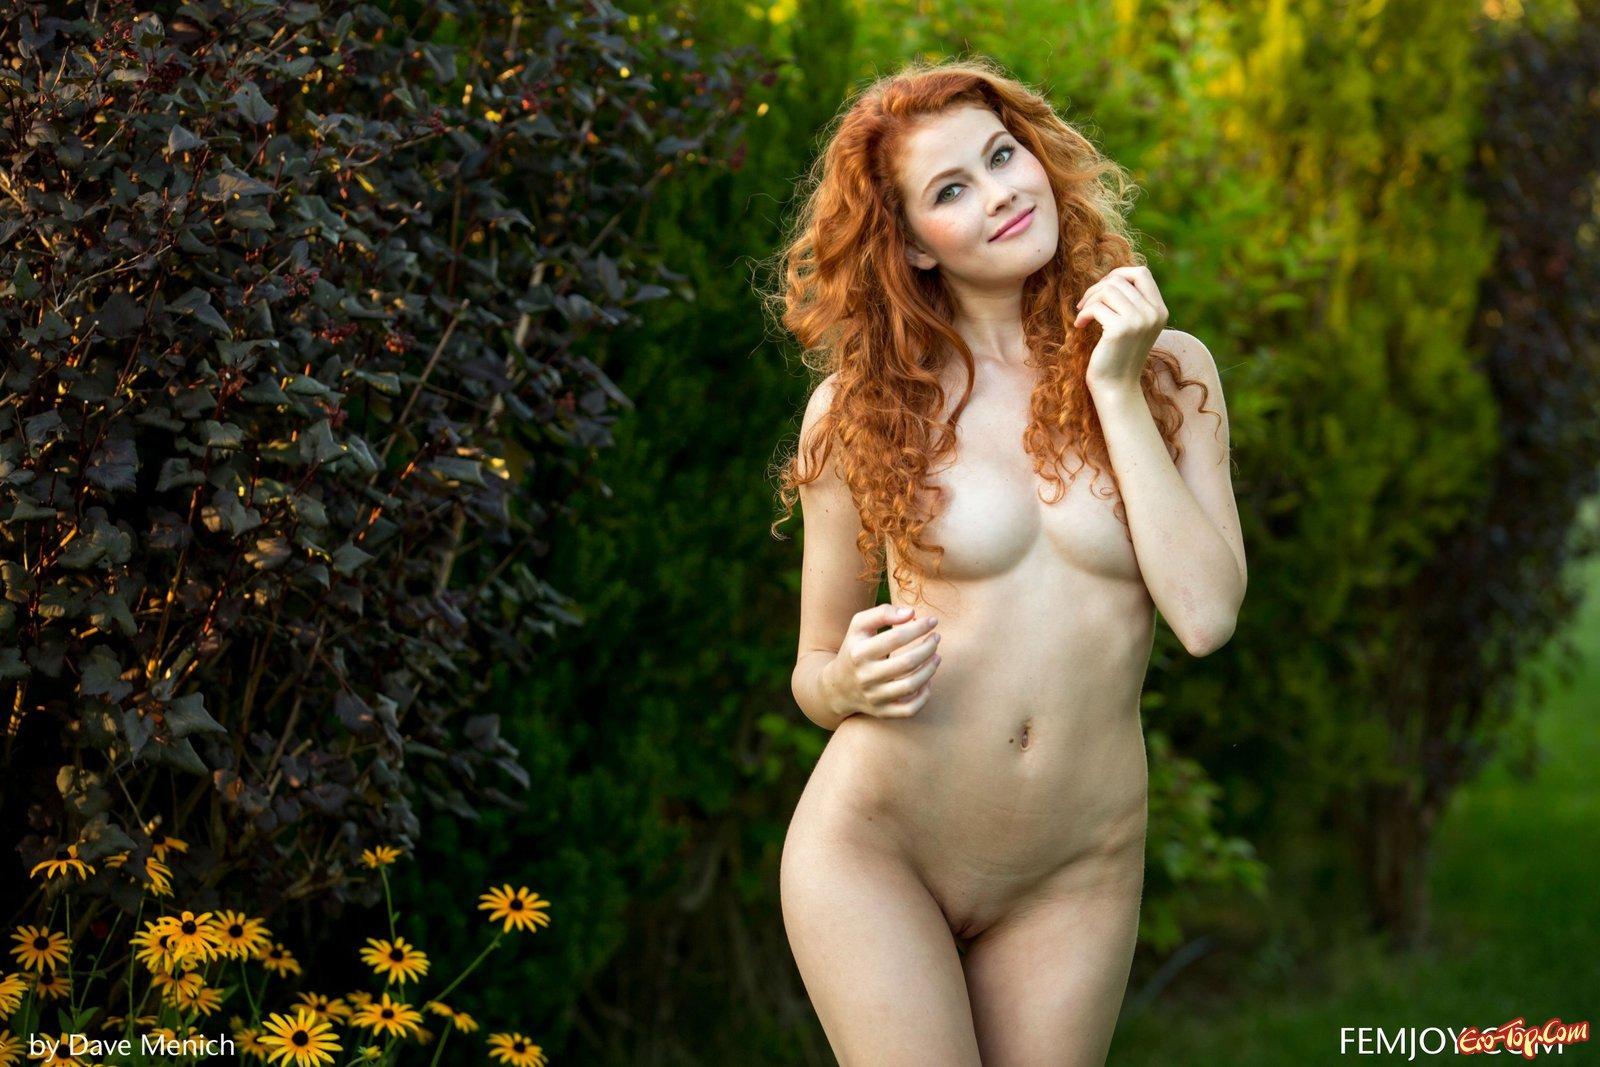 Голая рыжеволосая девушка позирует на газоне